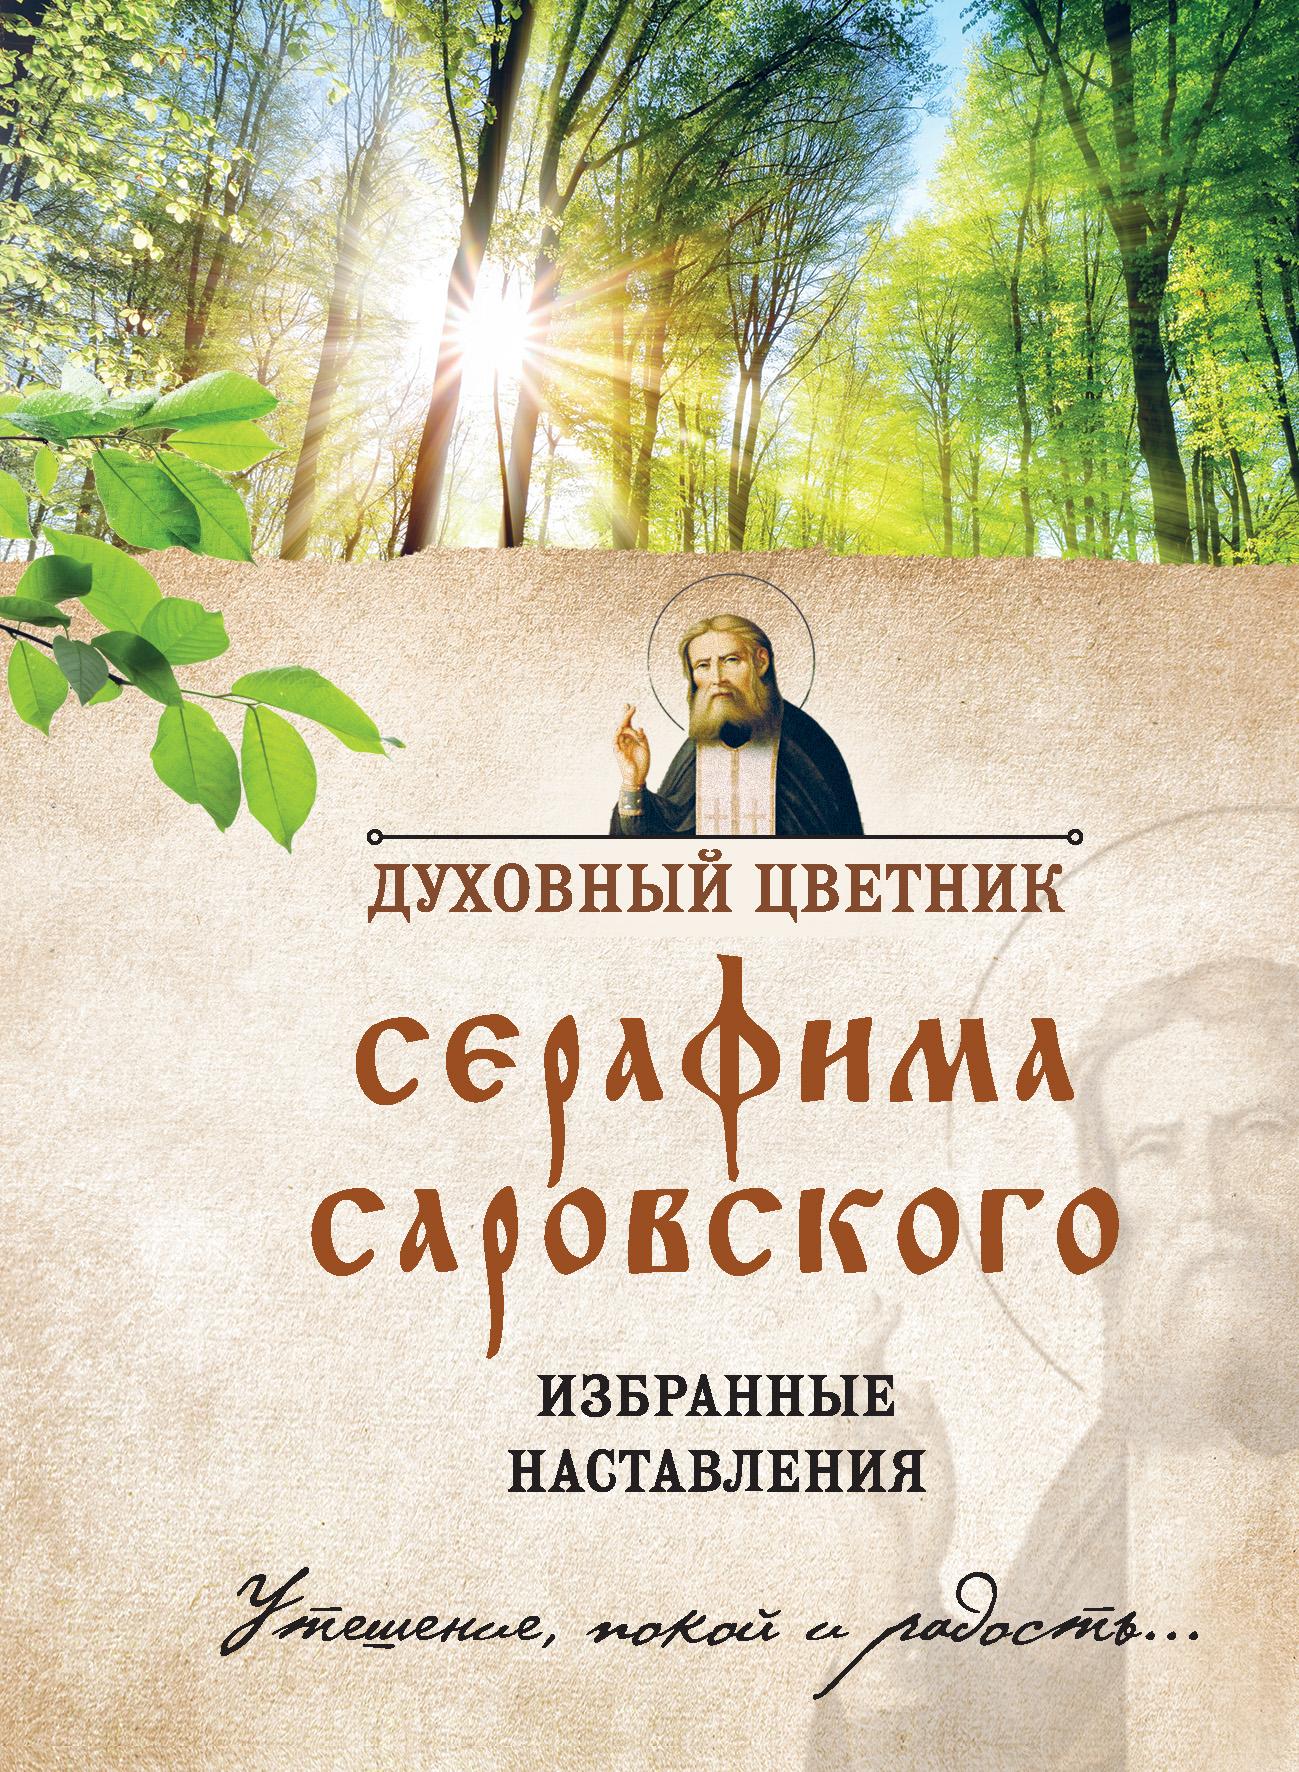 Отсутствует Духовный цветник Серафима Саровского. Избранные наставления